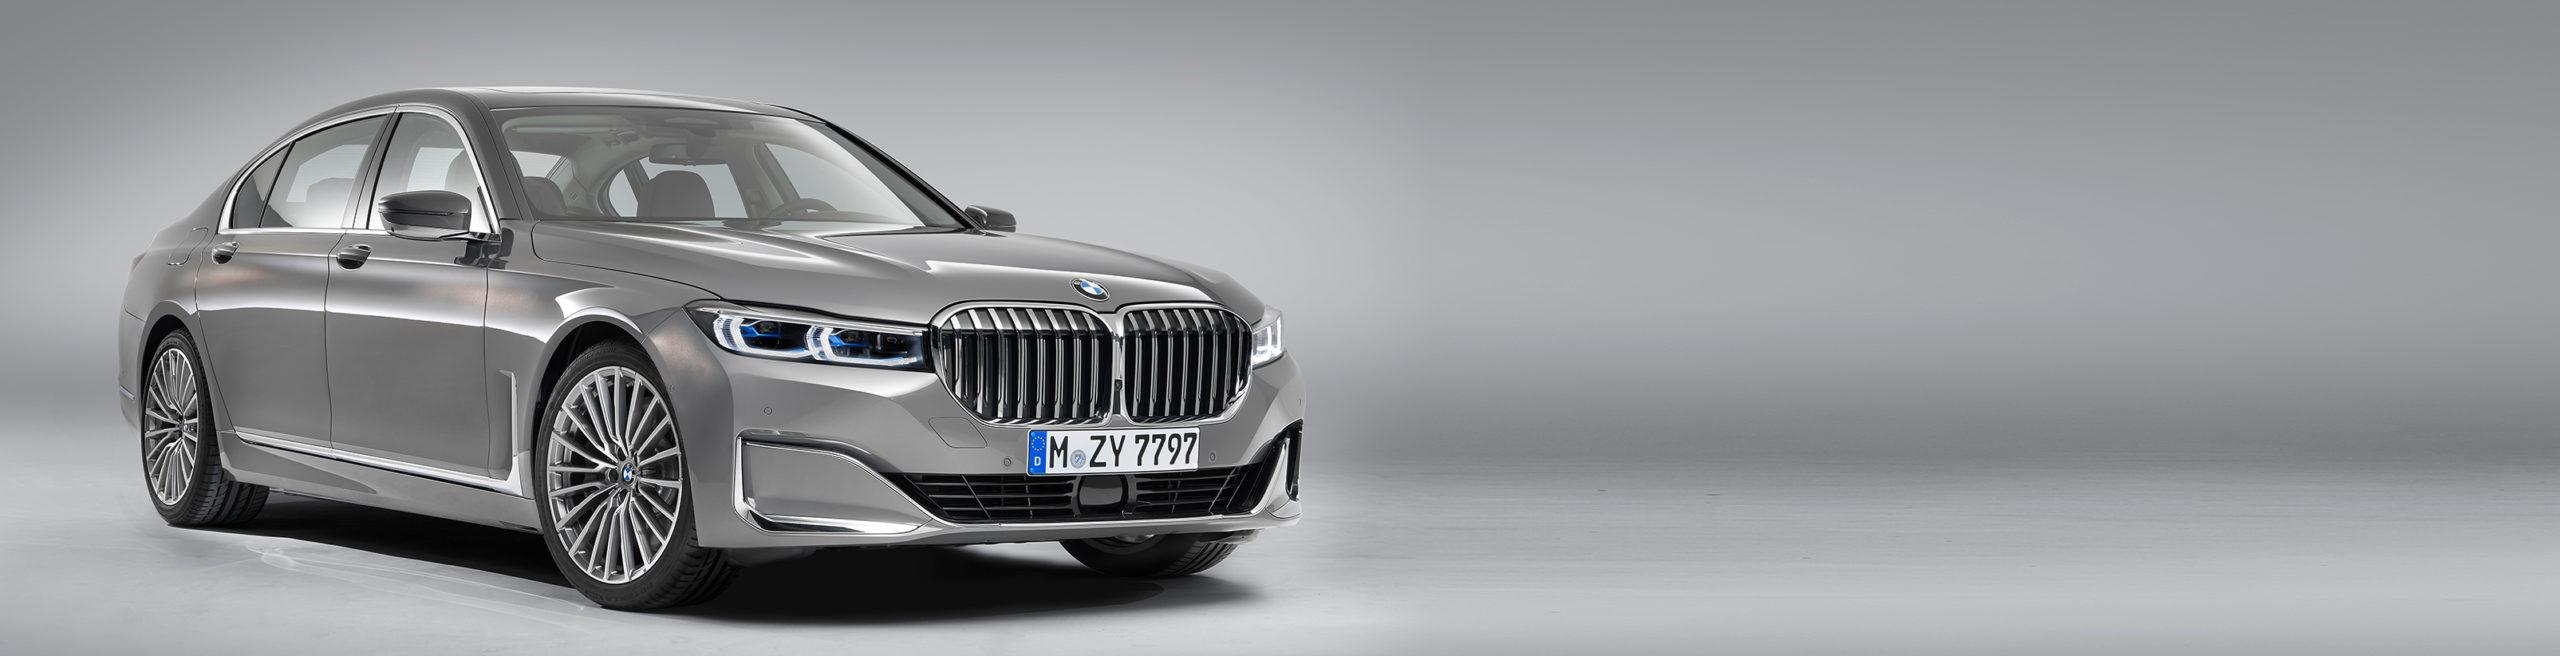 El próximo BMW Serie 7 tendrá un modelo BEV (100% eléctrico)